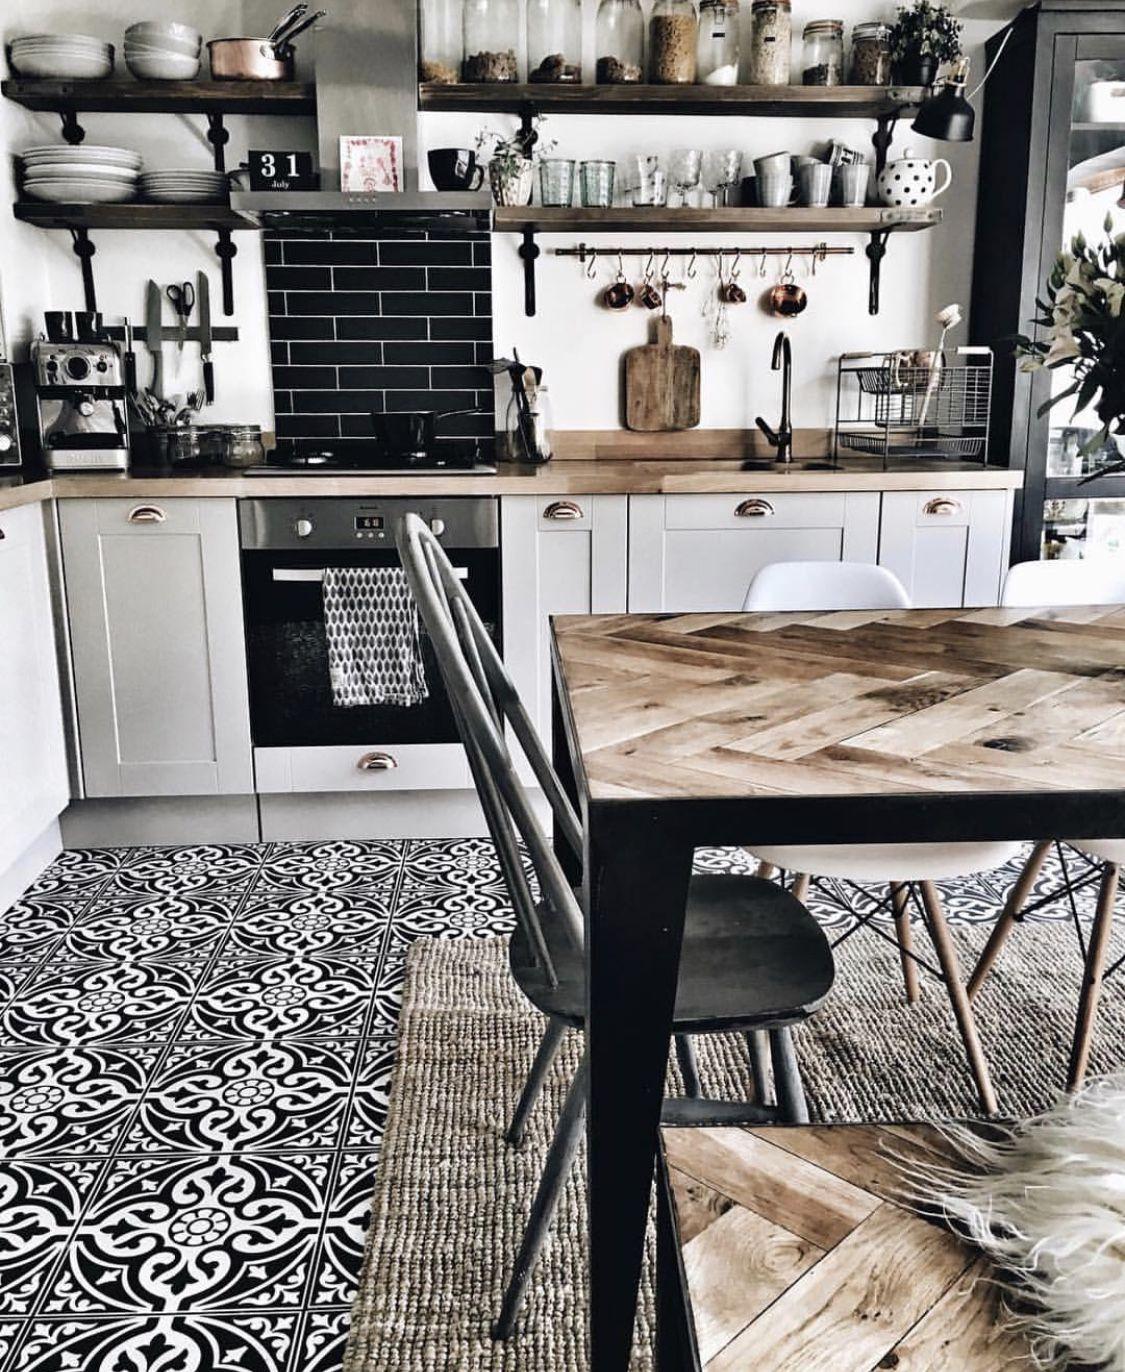 Küchenideen ziegel country kitchen designs  small kitchen decor white  pinterest